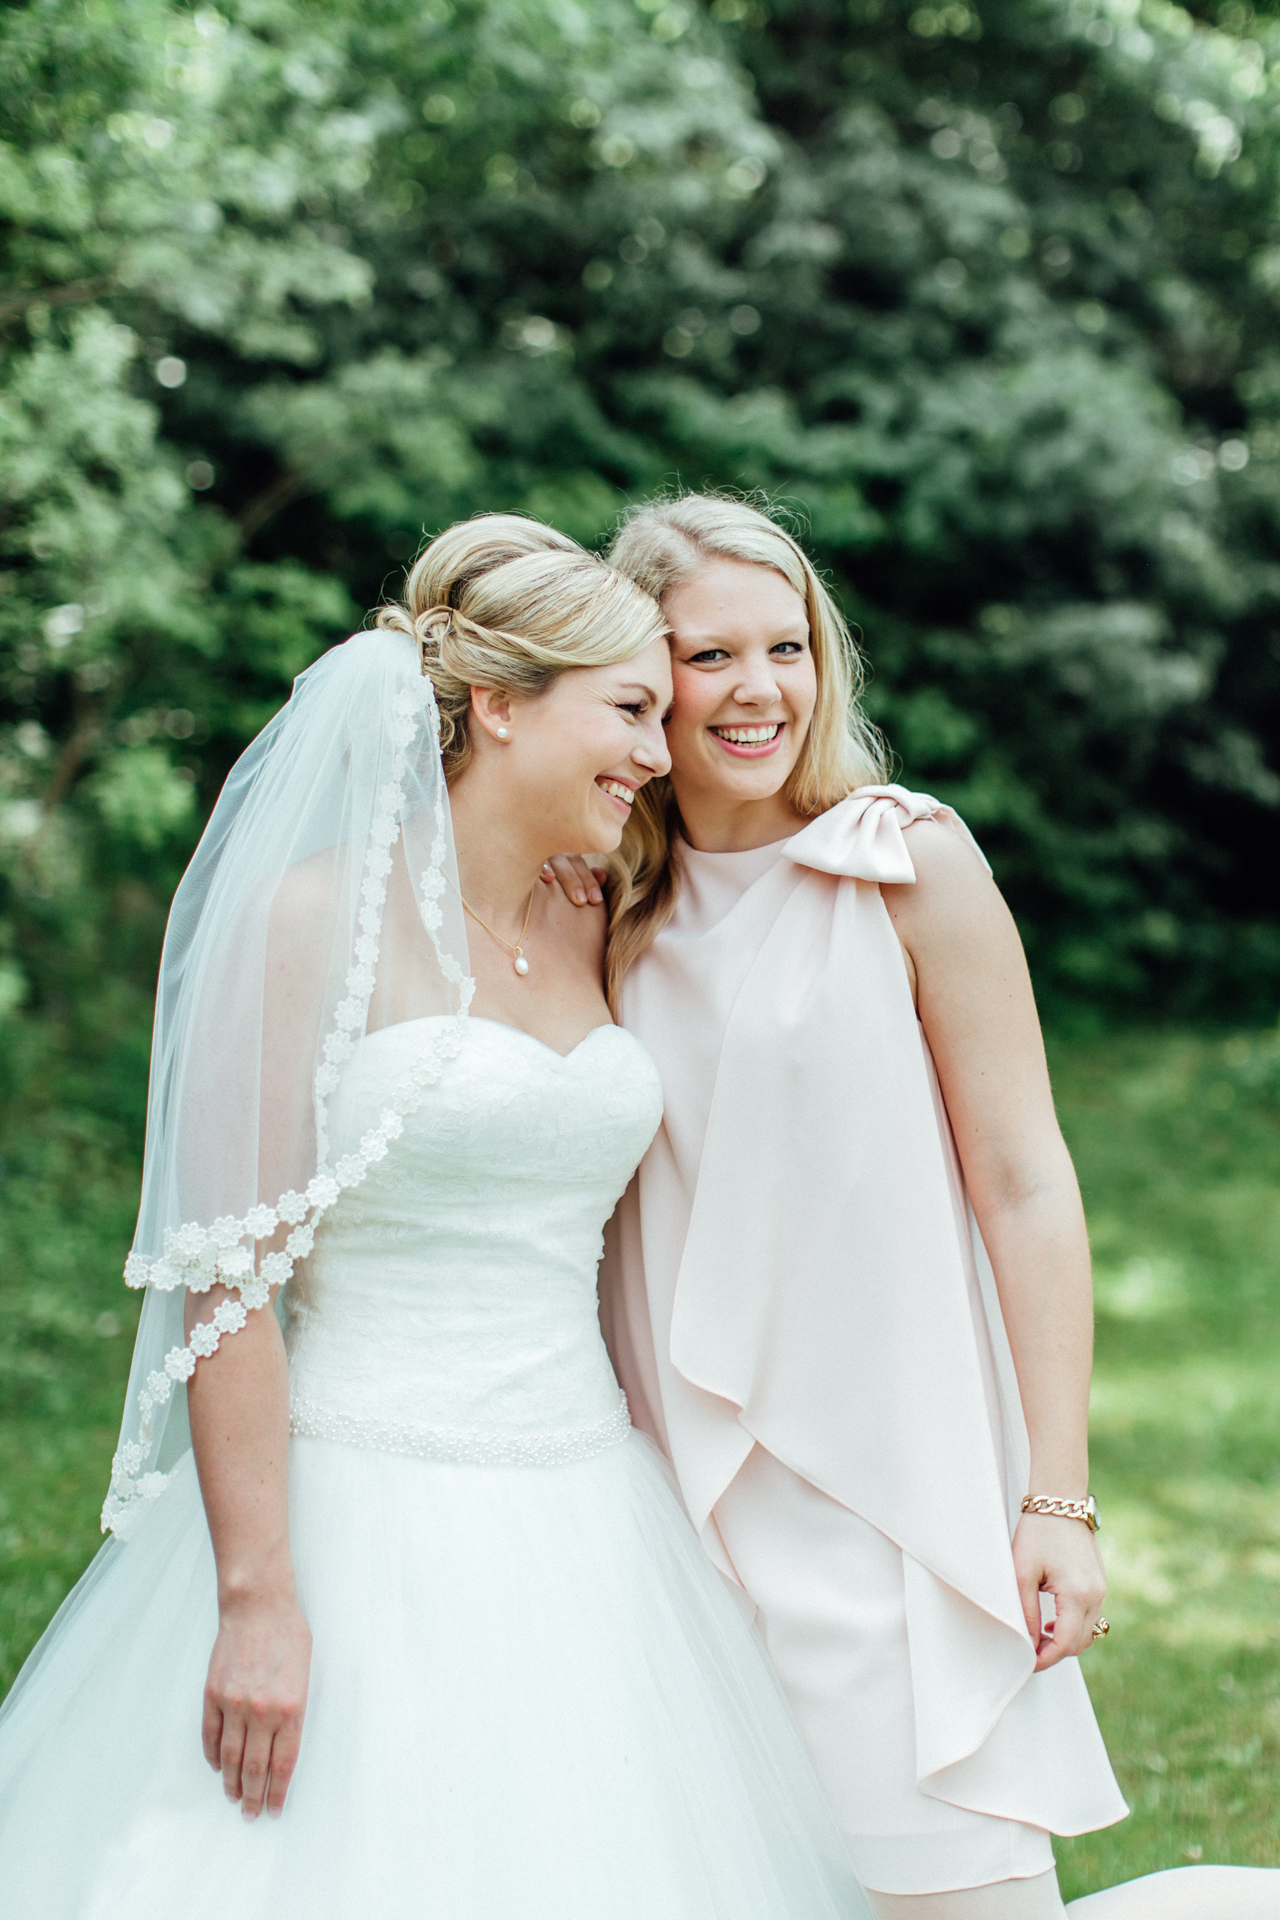 Hochzeit Eventscheune Dagobertshausen - Julia & Florian - Sandra Socha Fotografie - 19